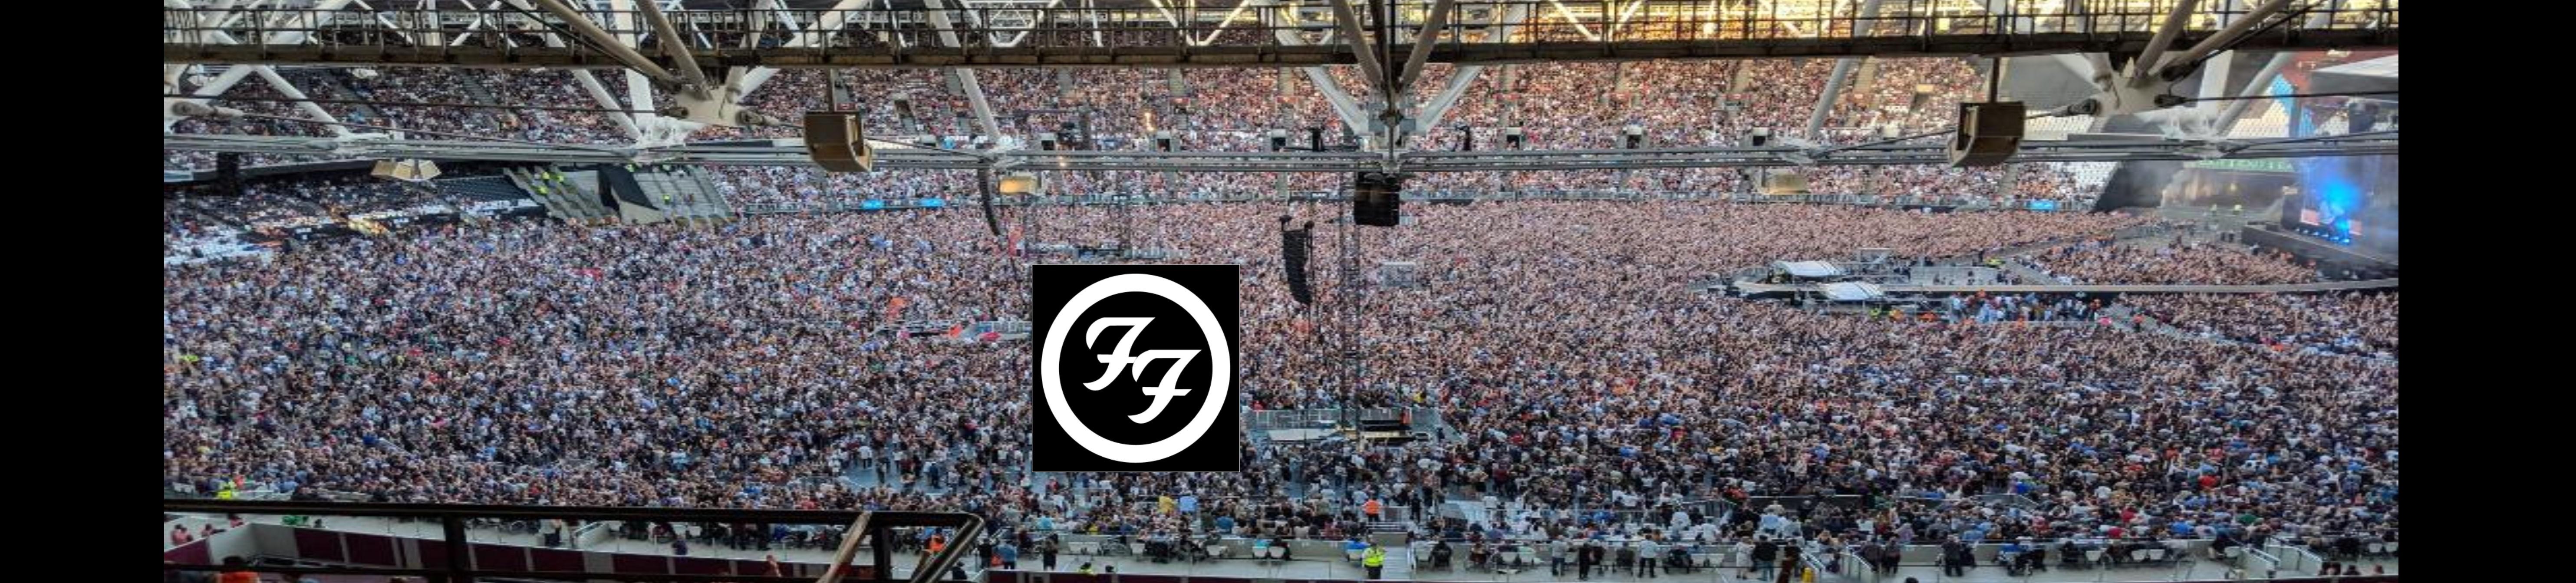 Foo-Fighters-2018